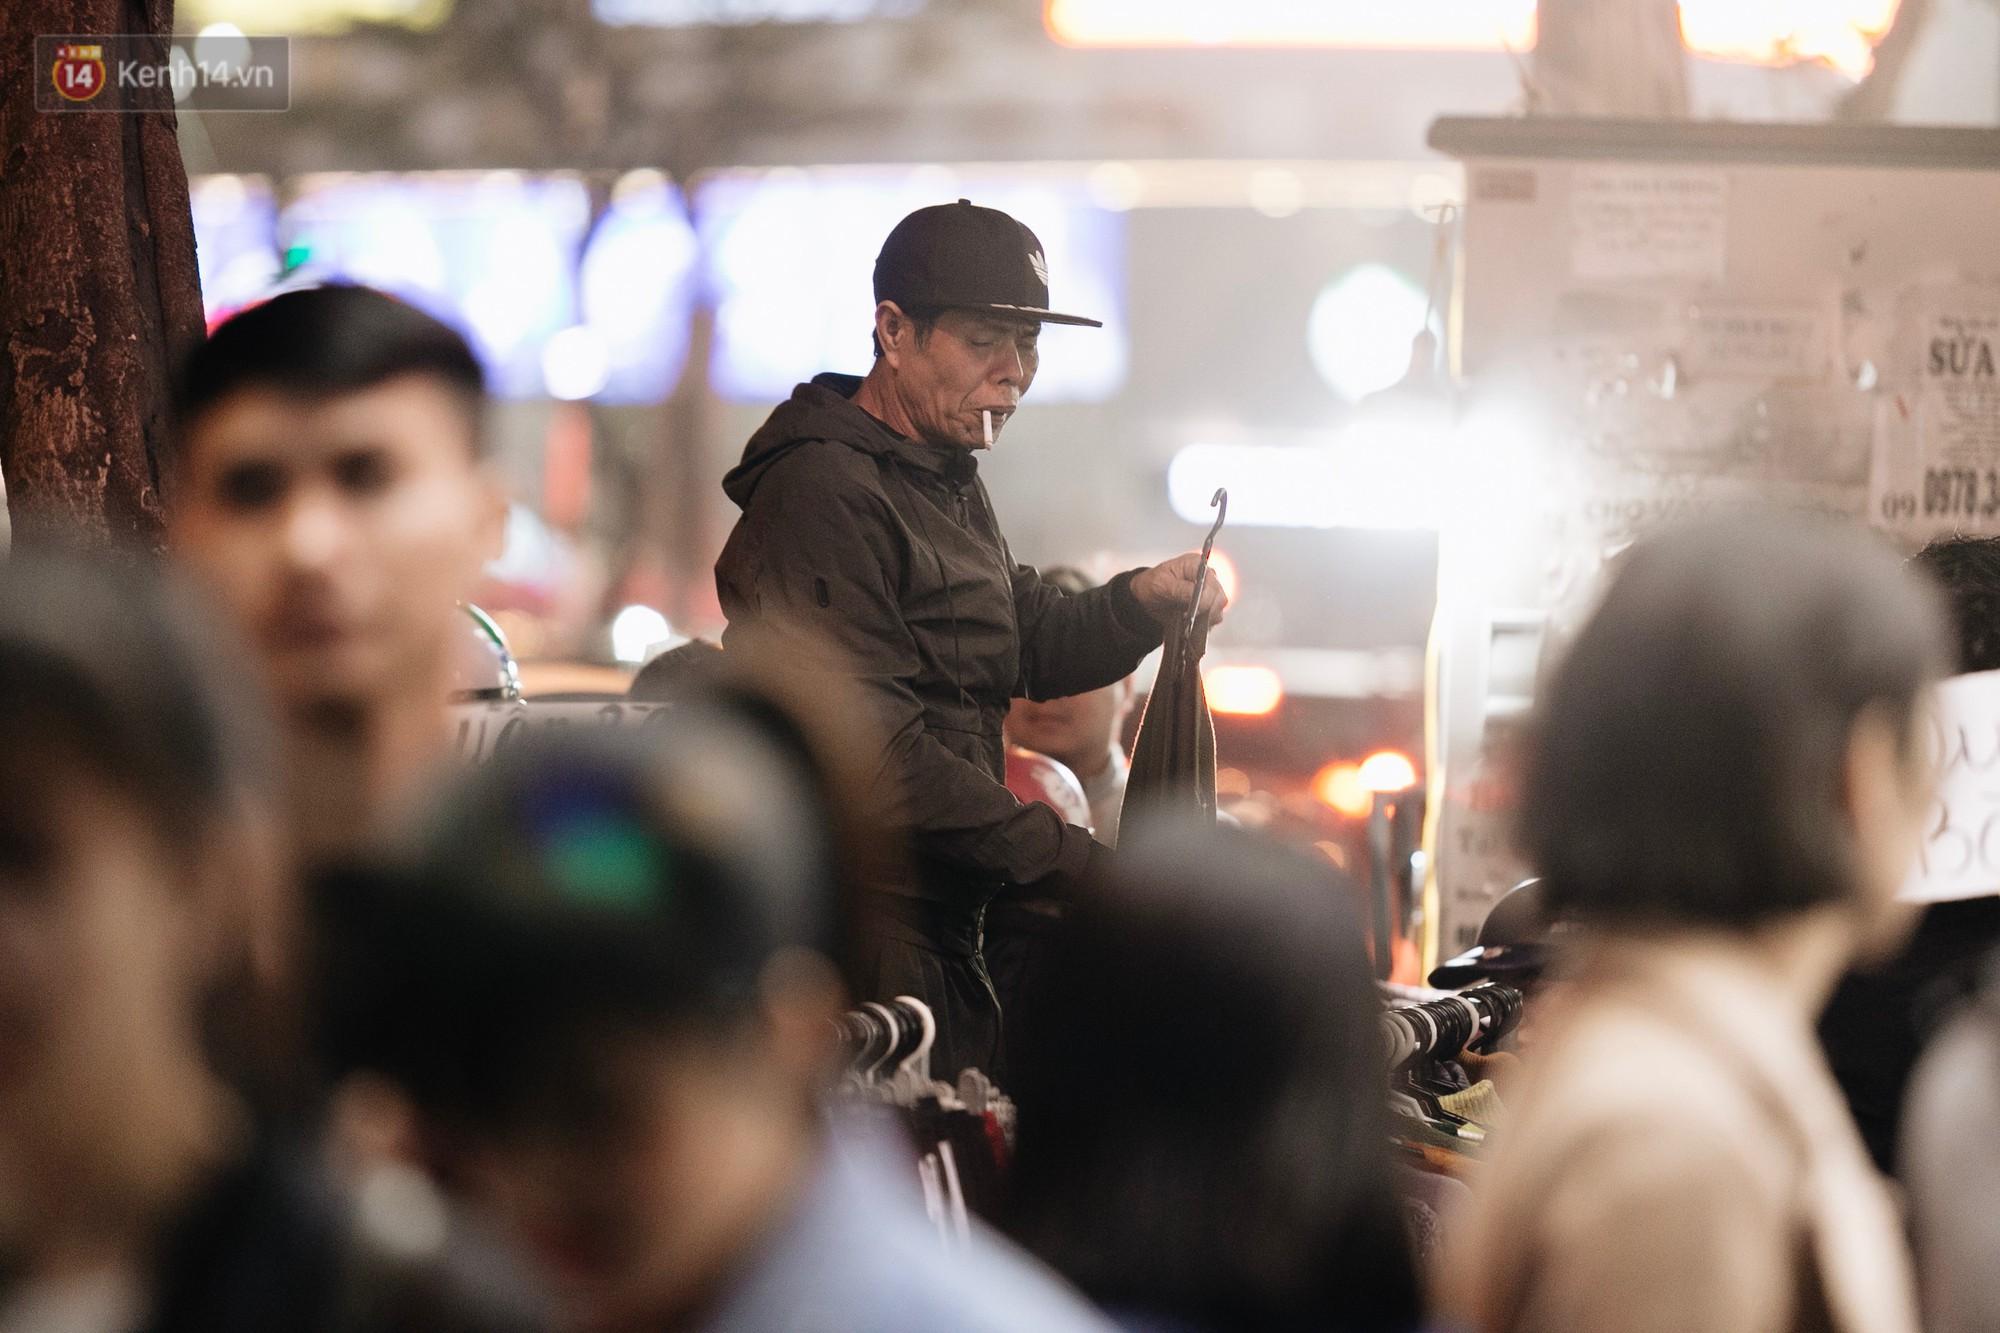 Vỉa hè Hà Nội trở thành chợ thời trang, trẻ em ngồi thùng xếp phụ bố mẹ bán hàng ngày cận Tết - Ảnh 5.